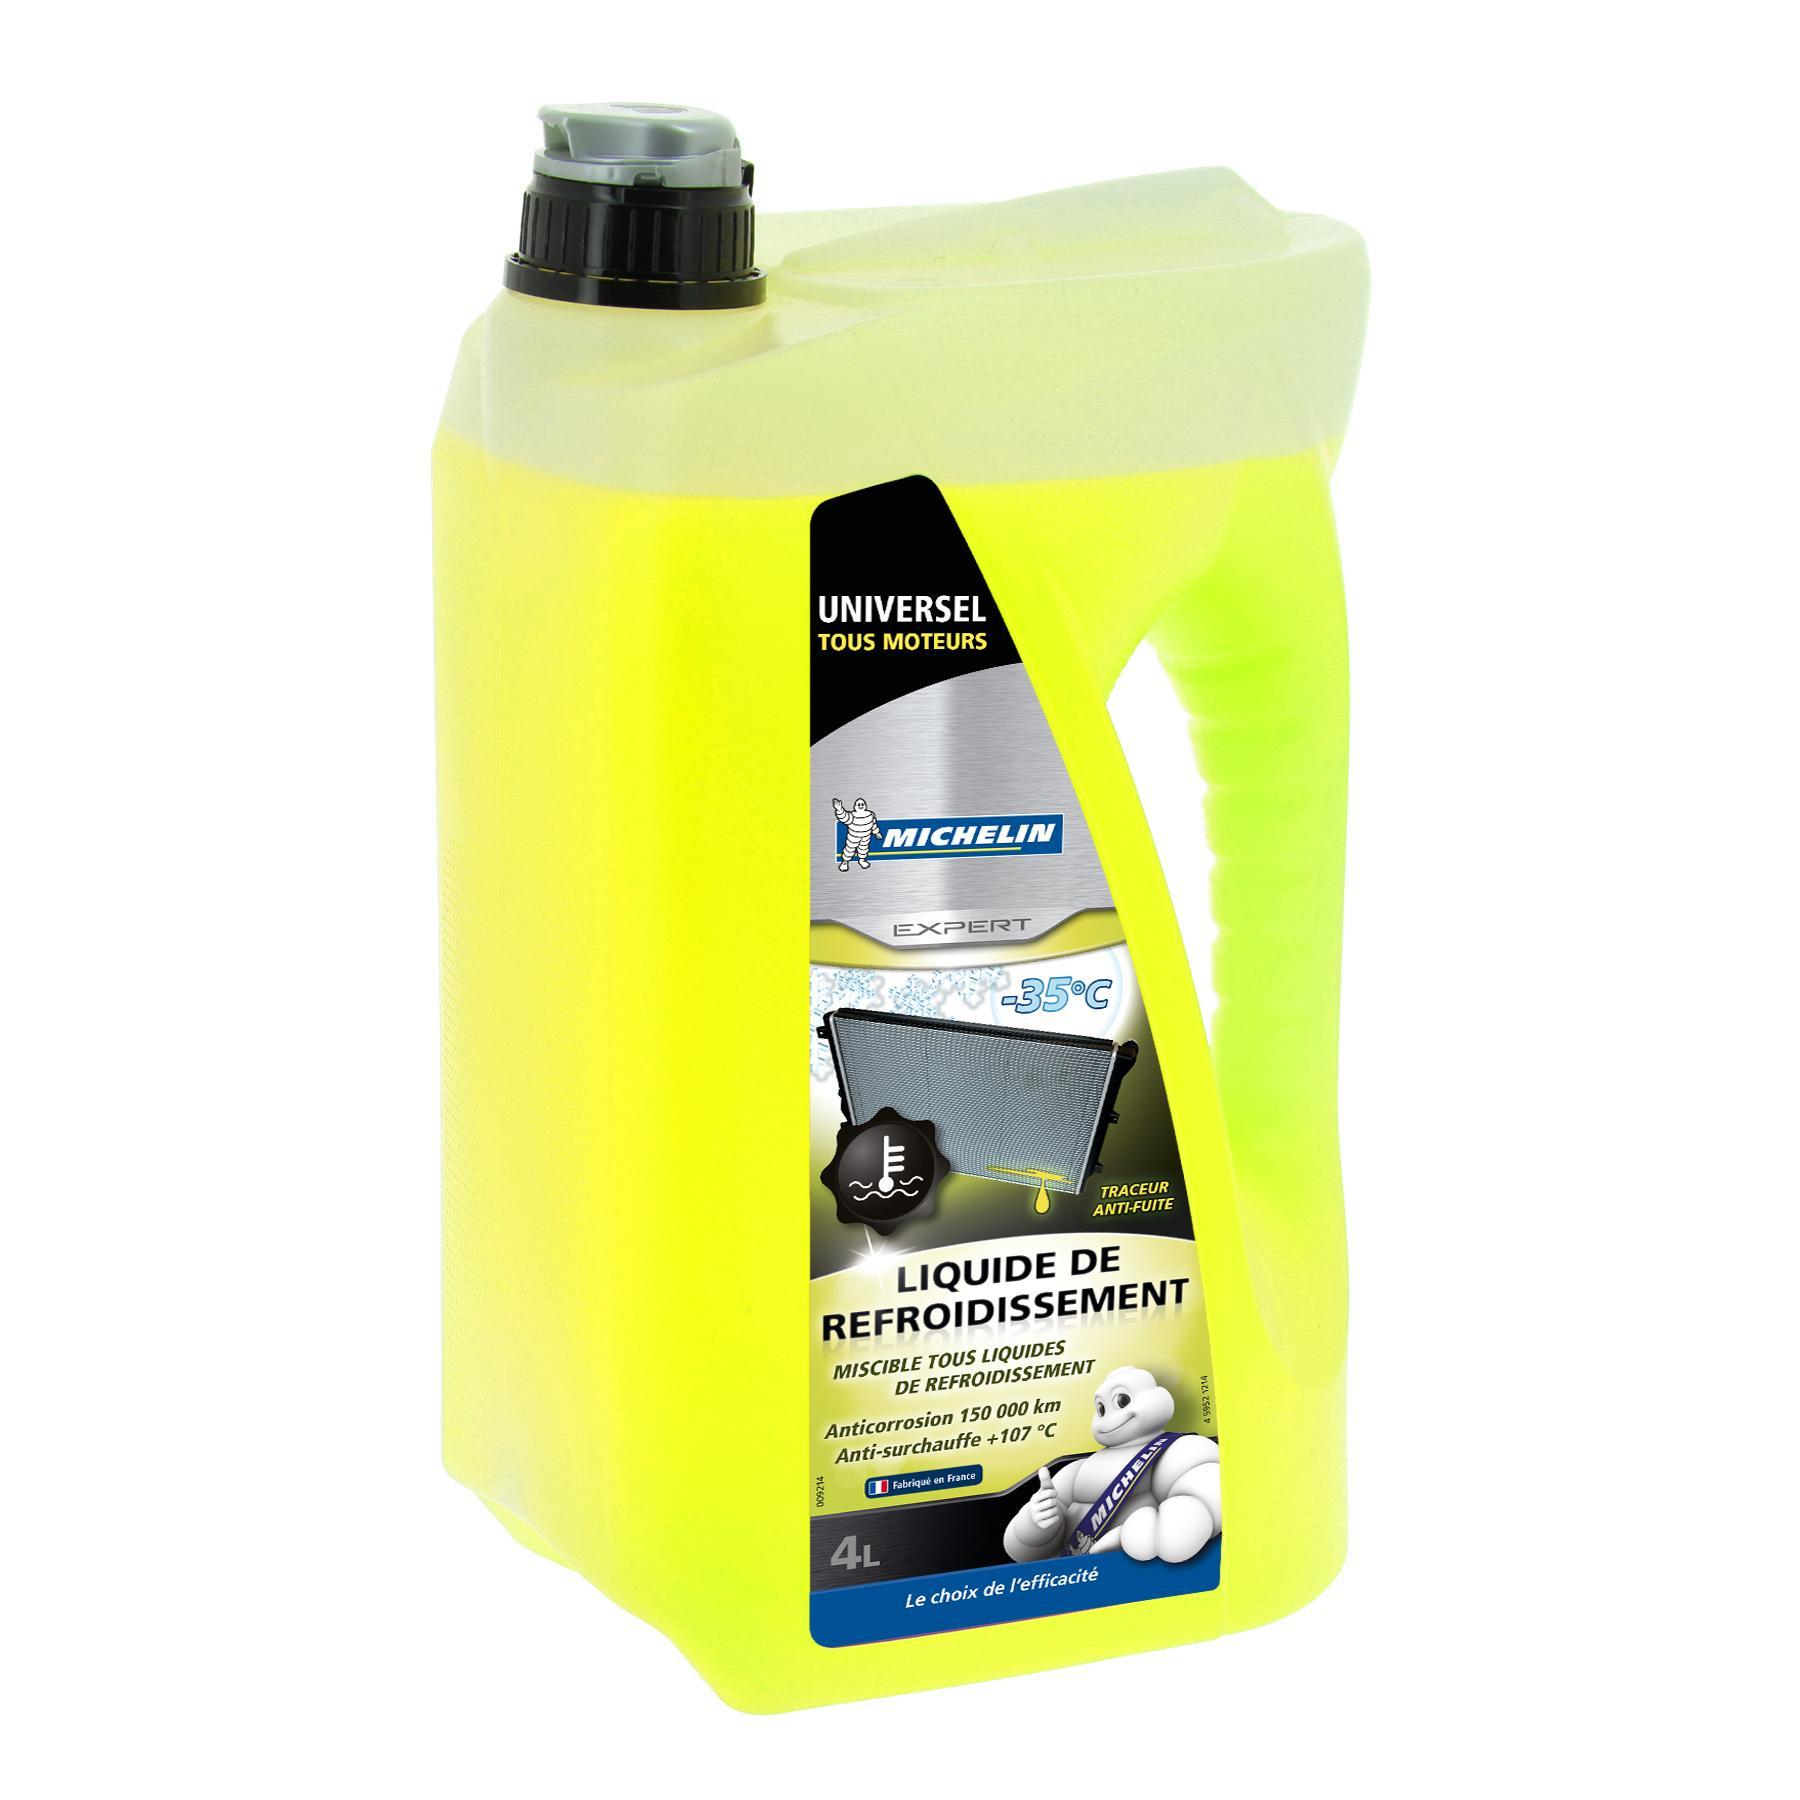 LKW Frostschutz Michelin 009214 kaufen